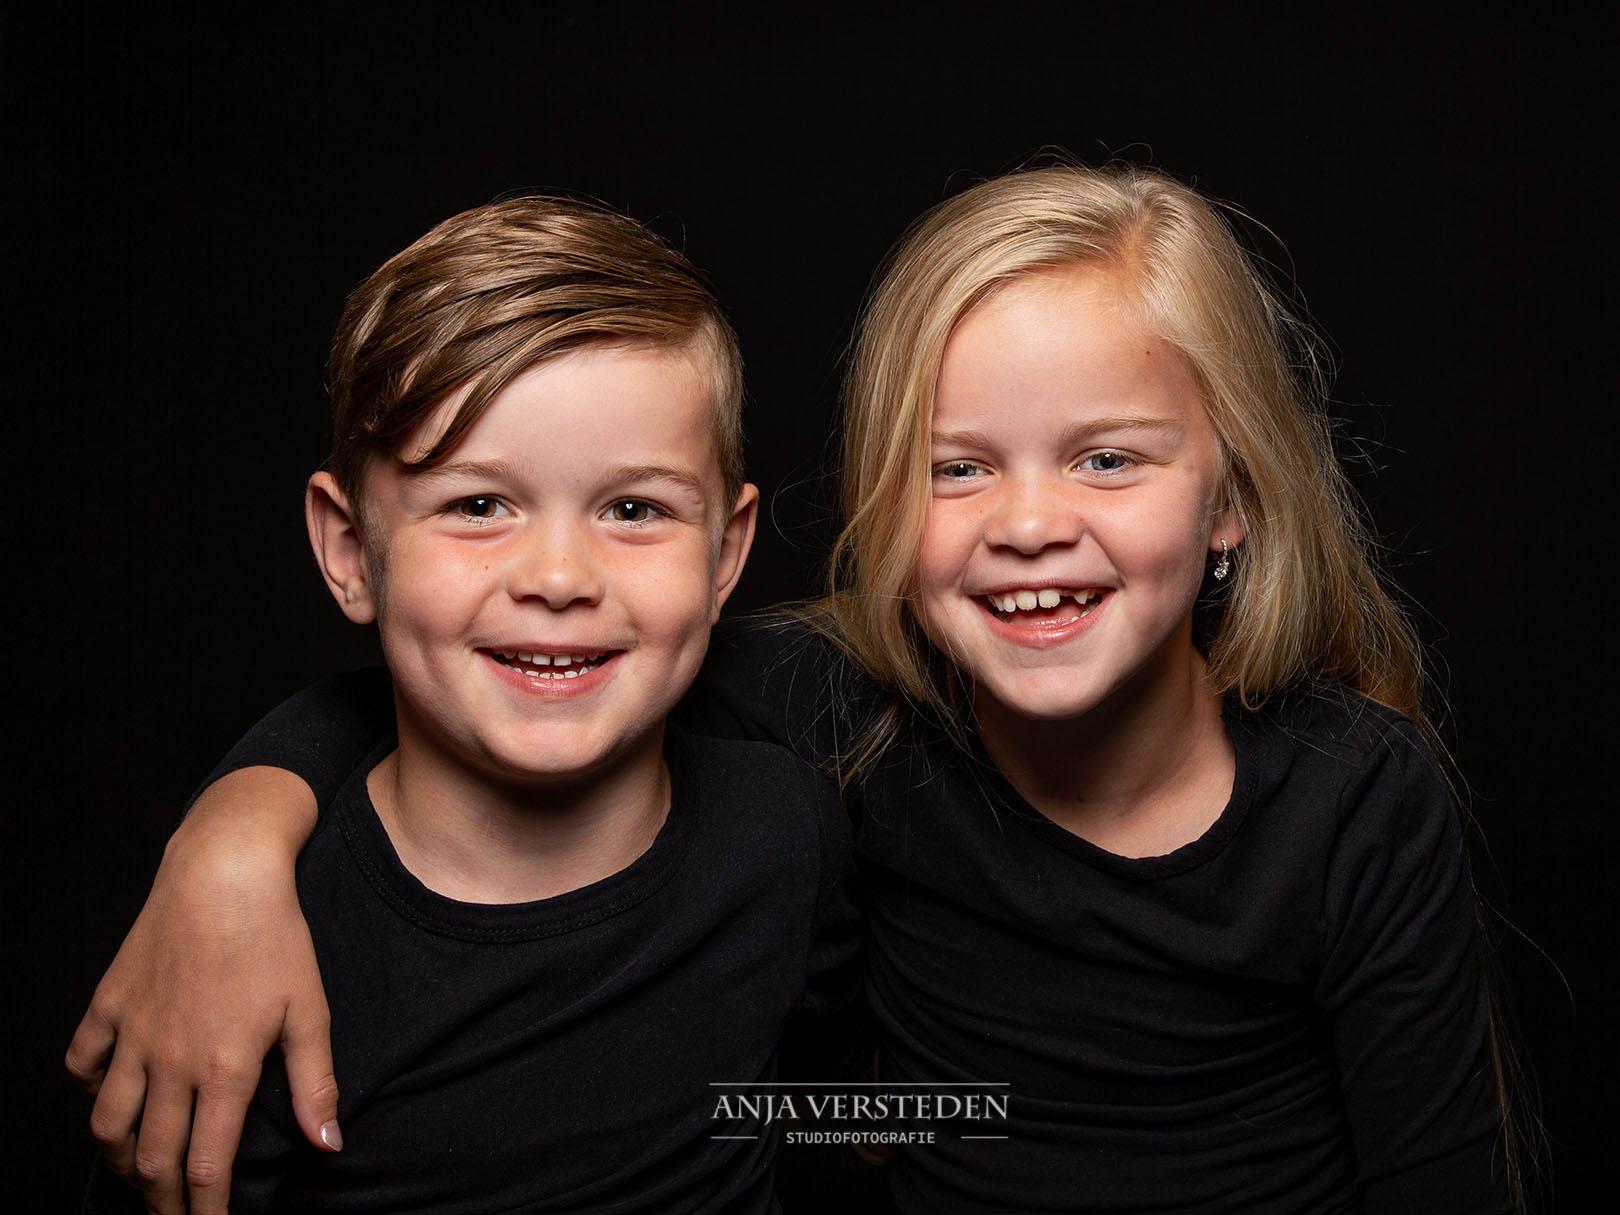 Studiofotografie kinderen